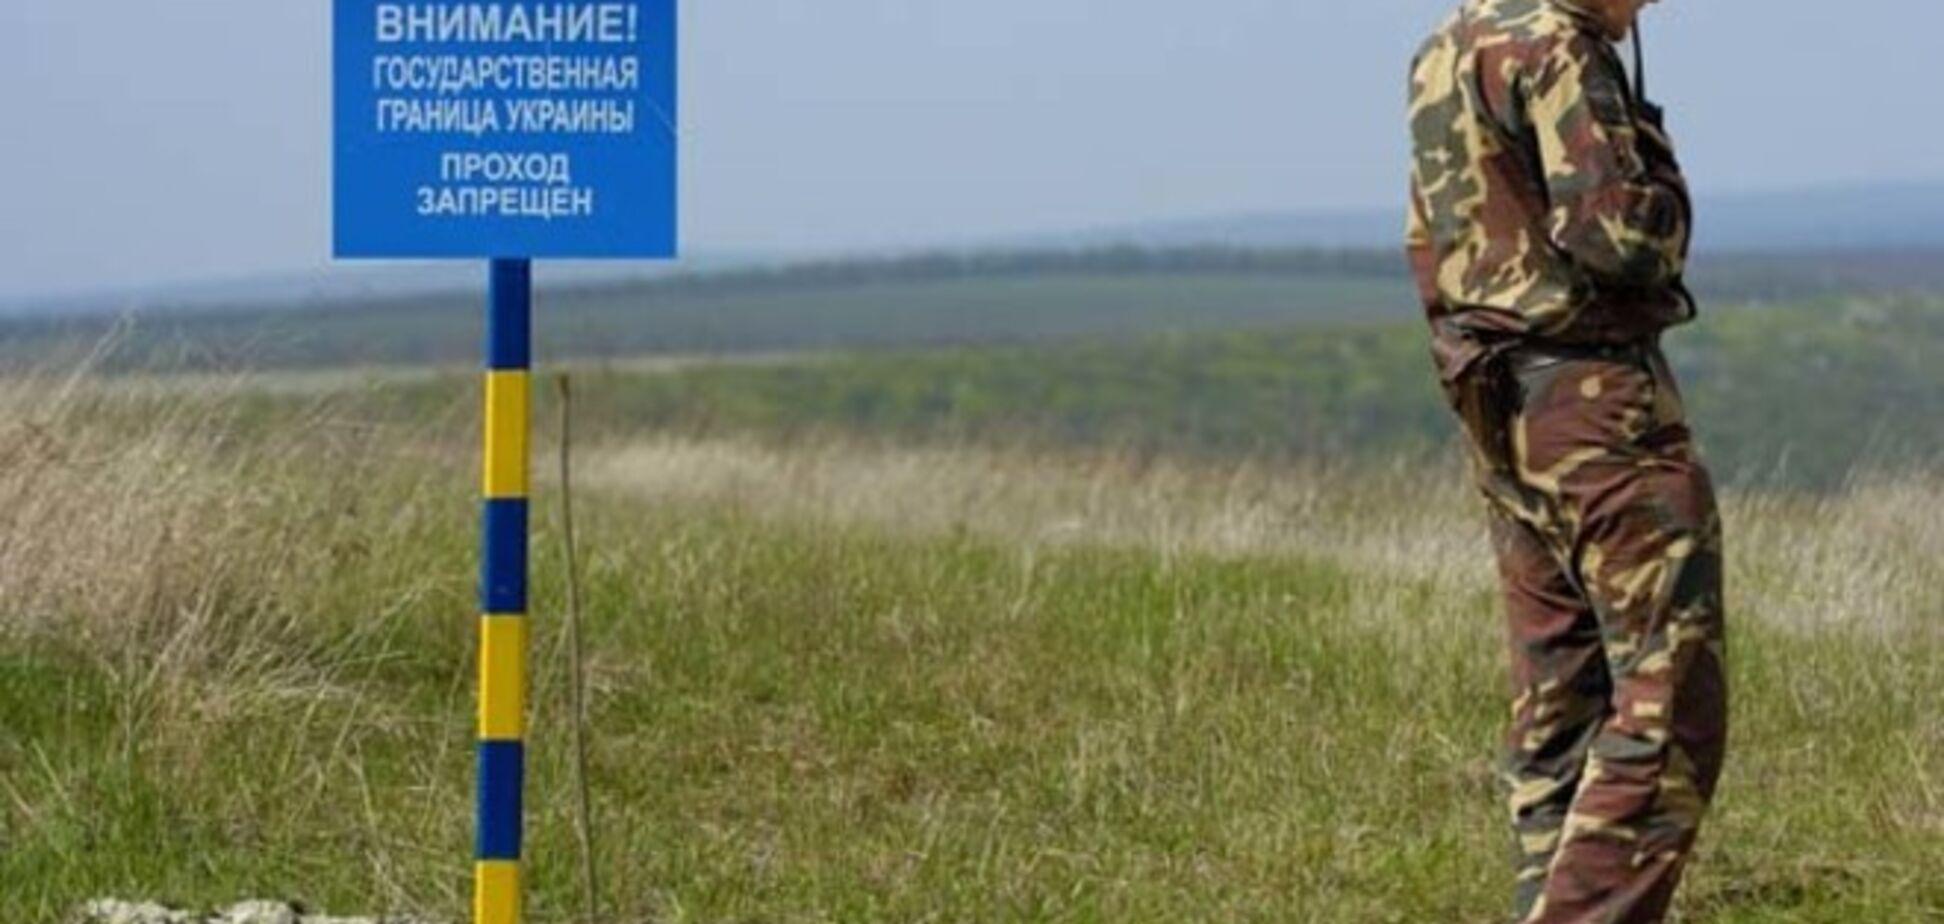 Из-под контроля Украины вышло более 400 км границы с Россией